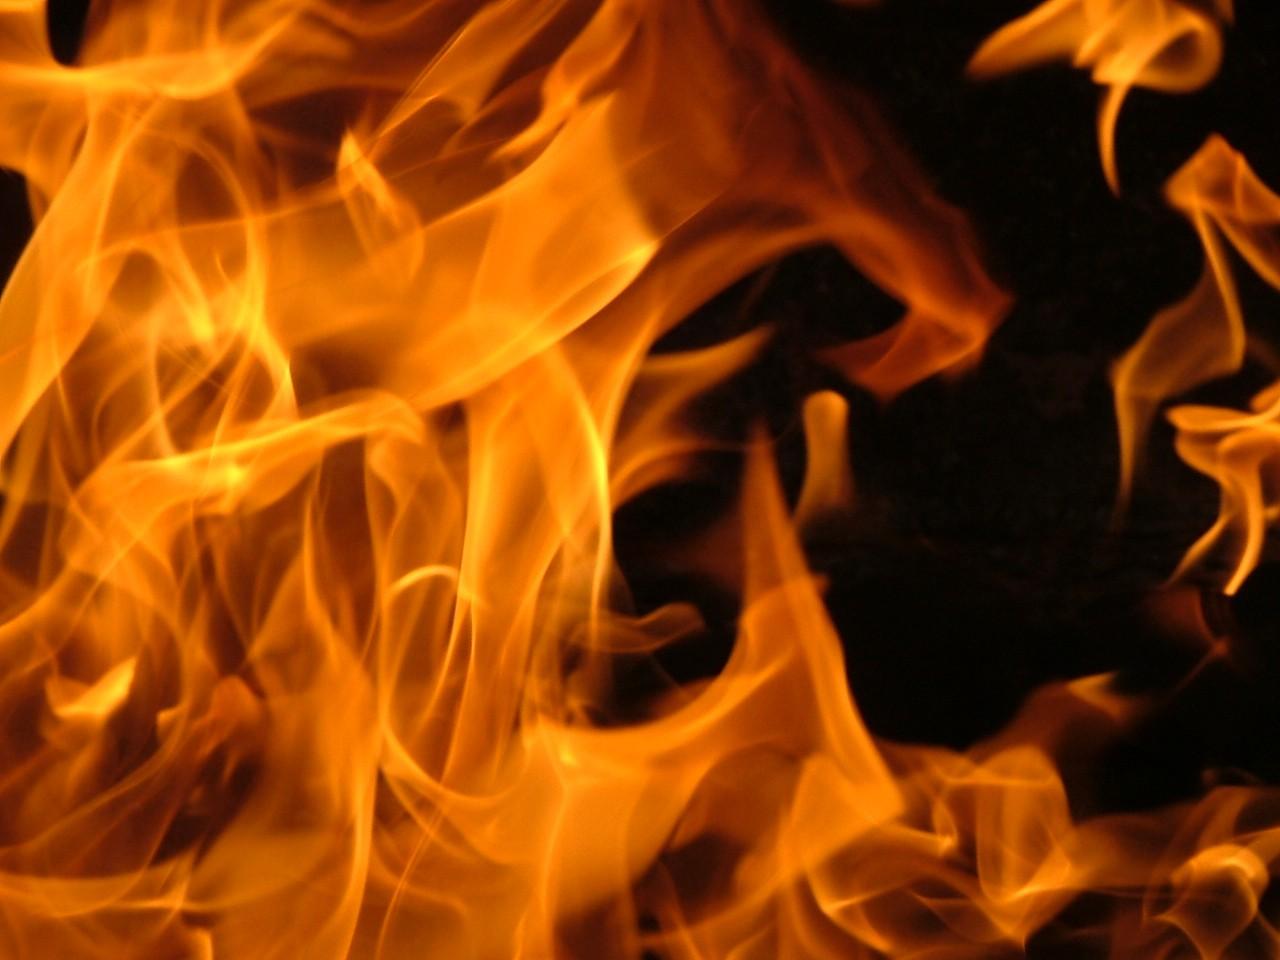 Пенсионерка погибла впожаре наКраснопутиловской вПетербурге